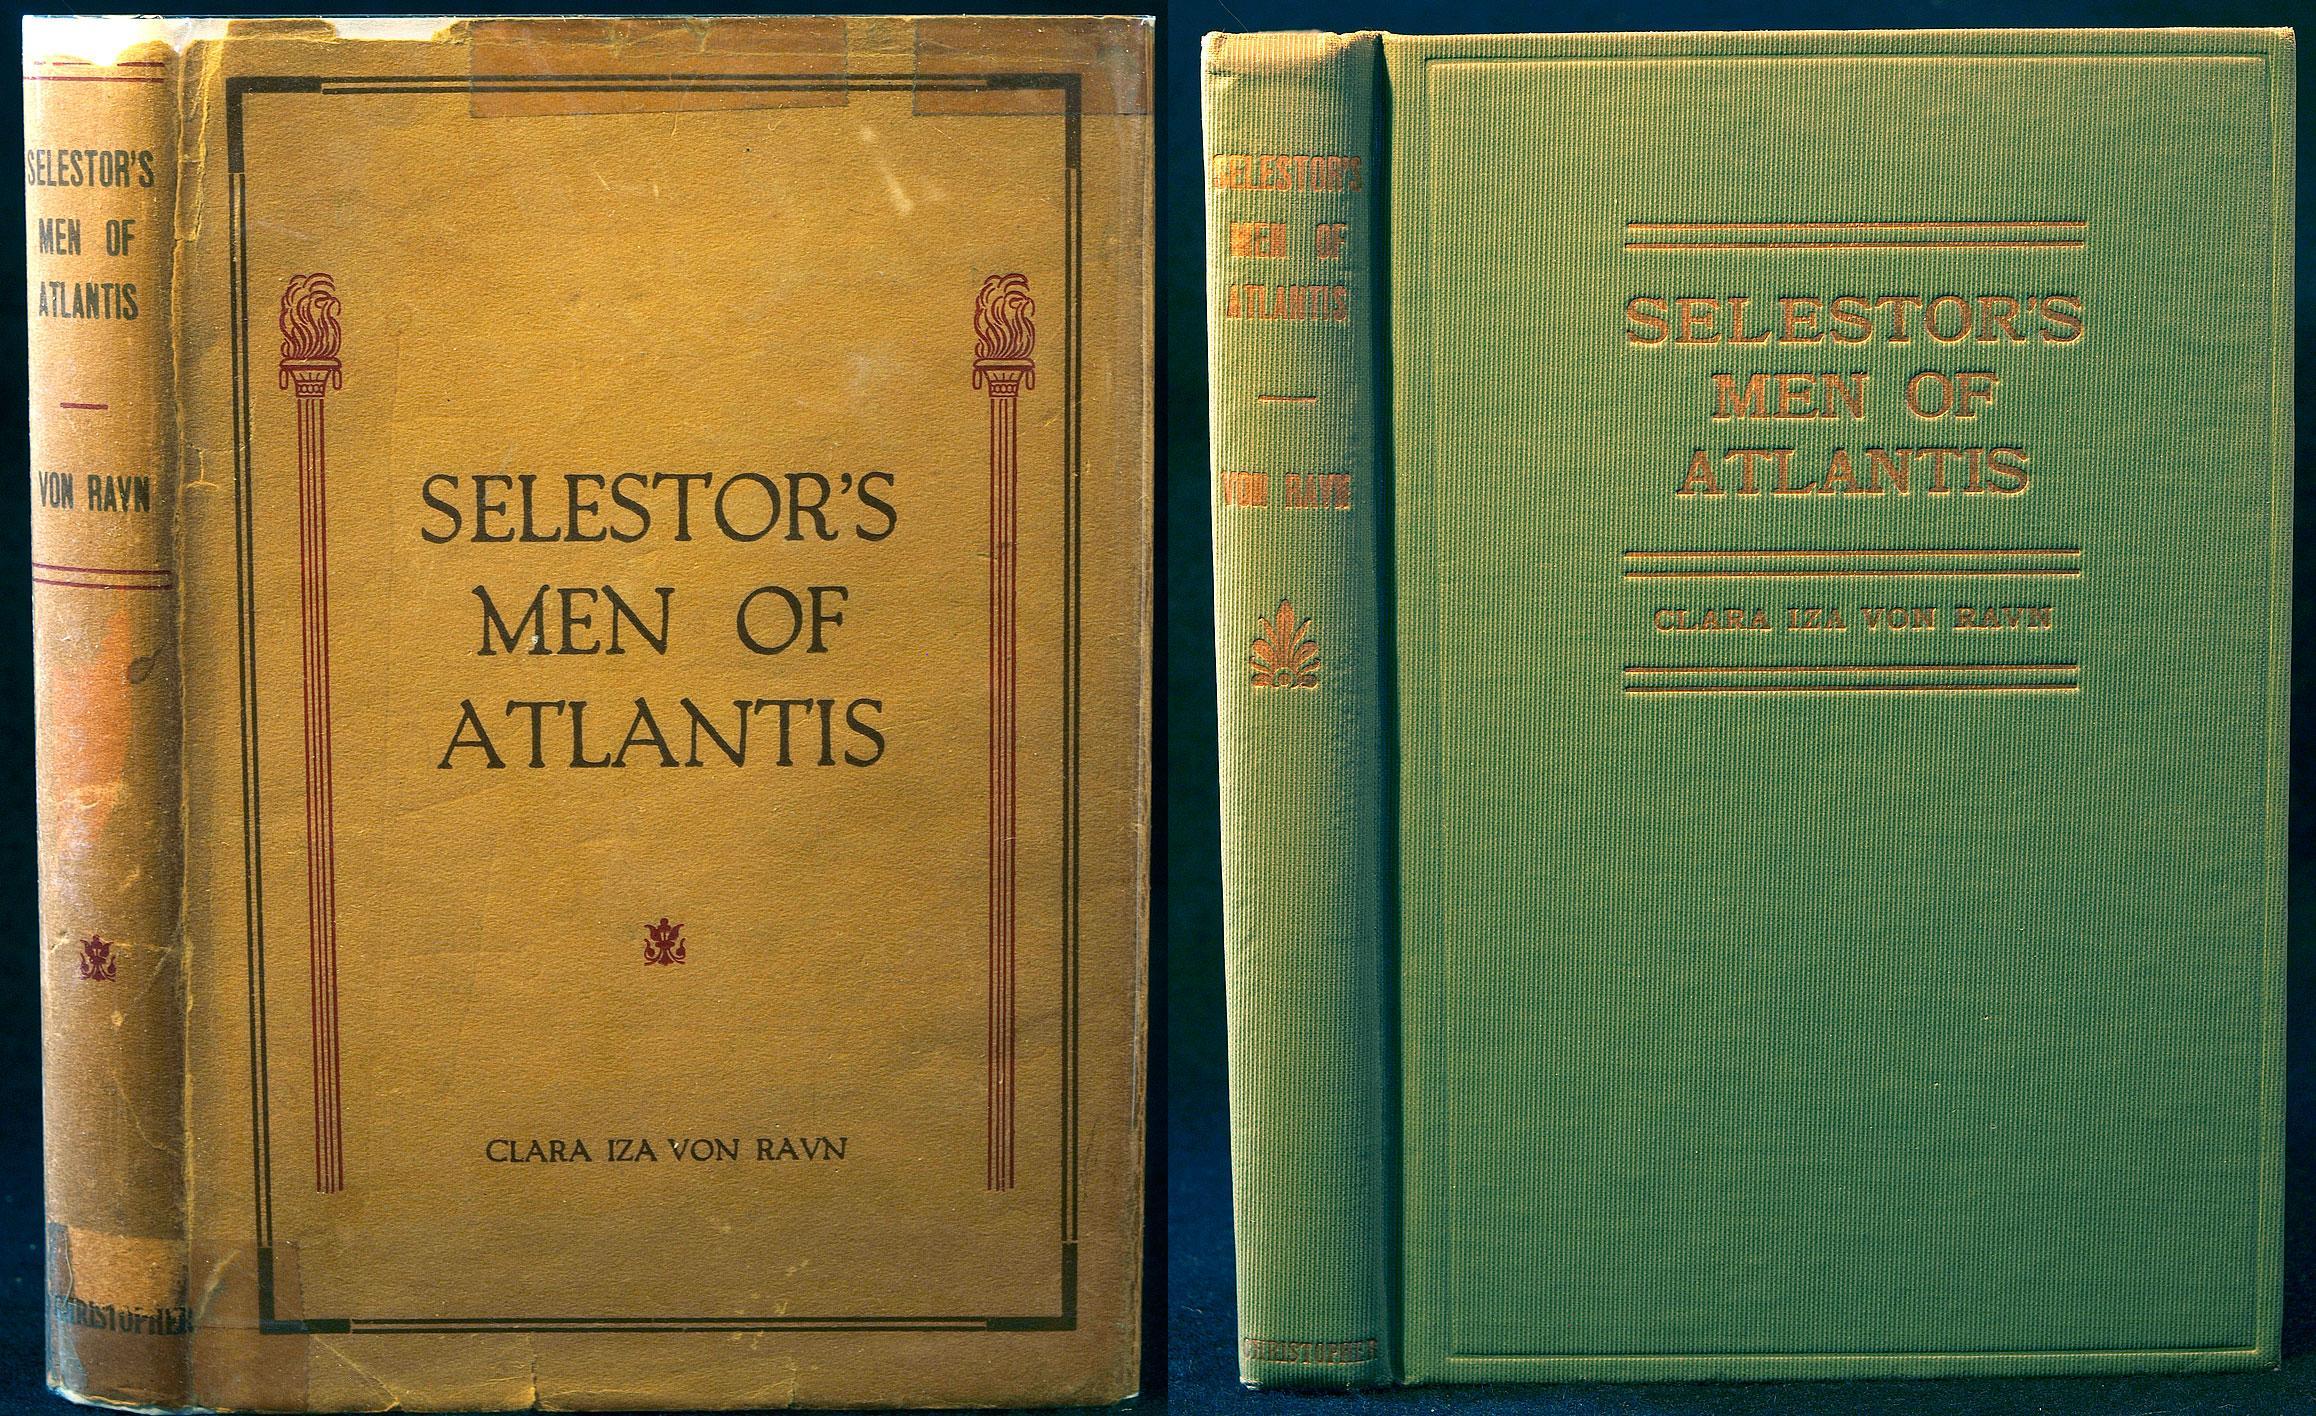 Selestor's Men of Atlantis Clara Iza Von Ravn Very Good Hardcover